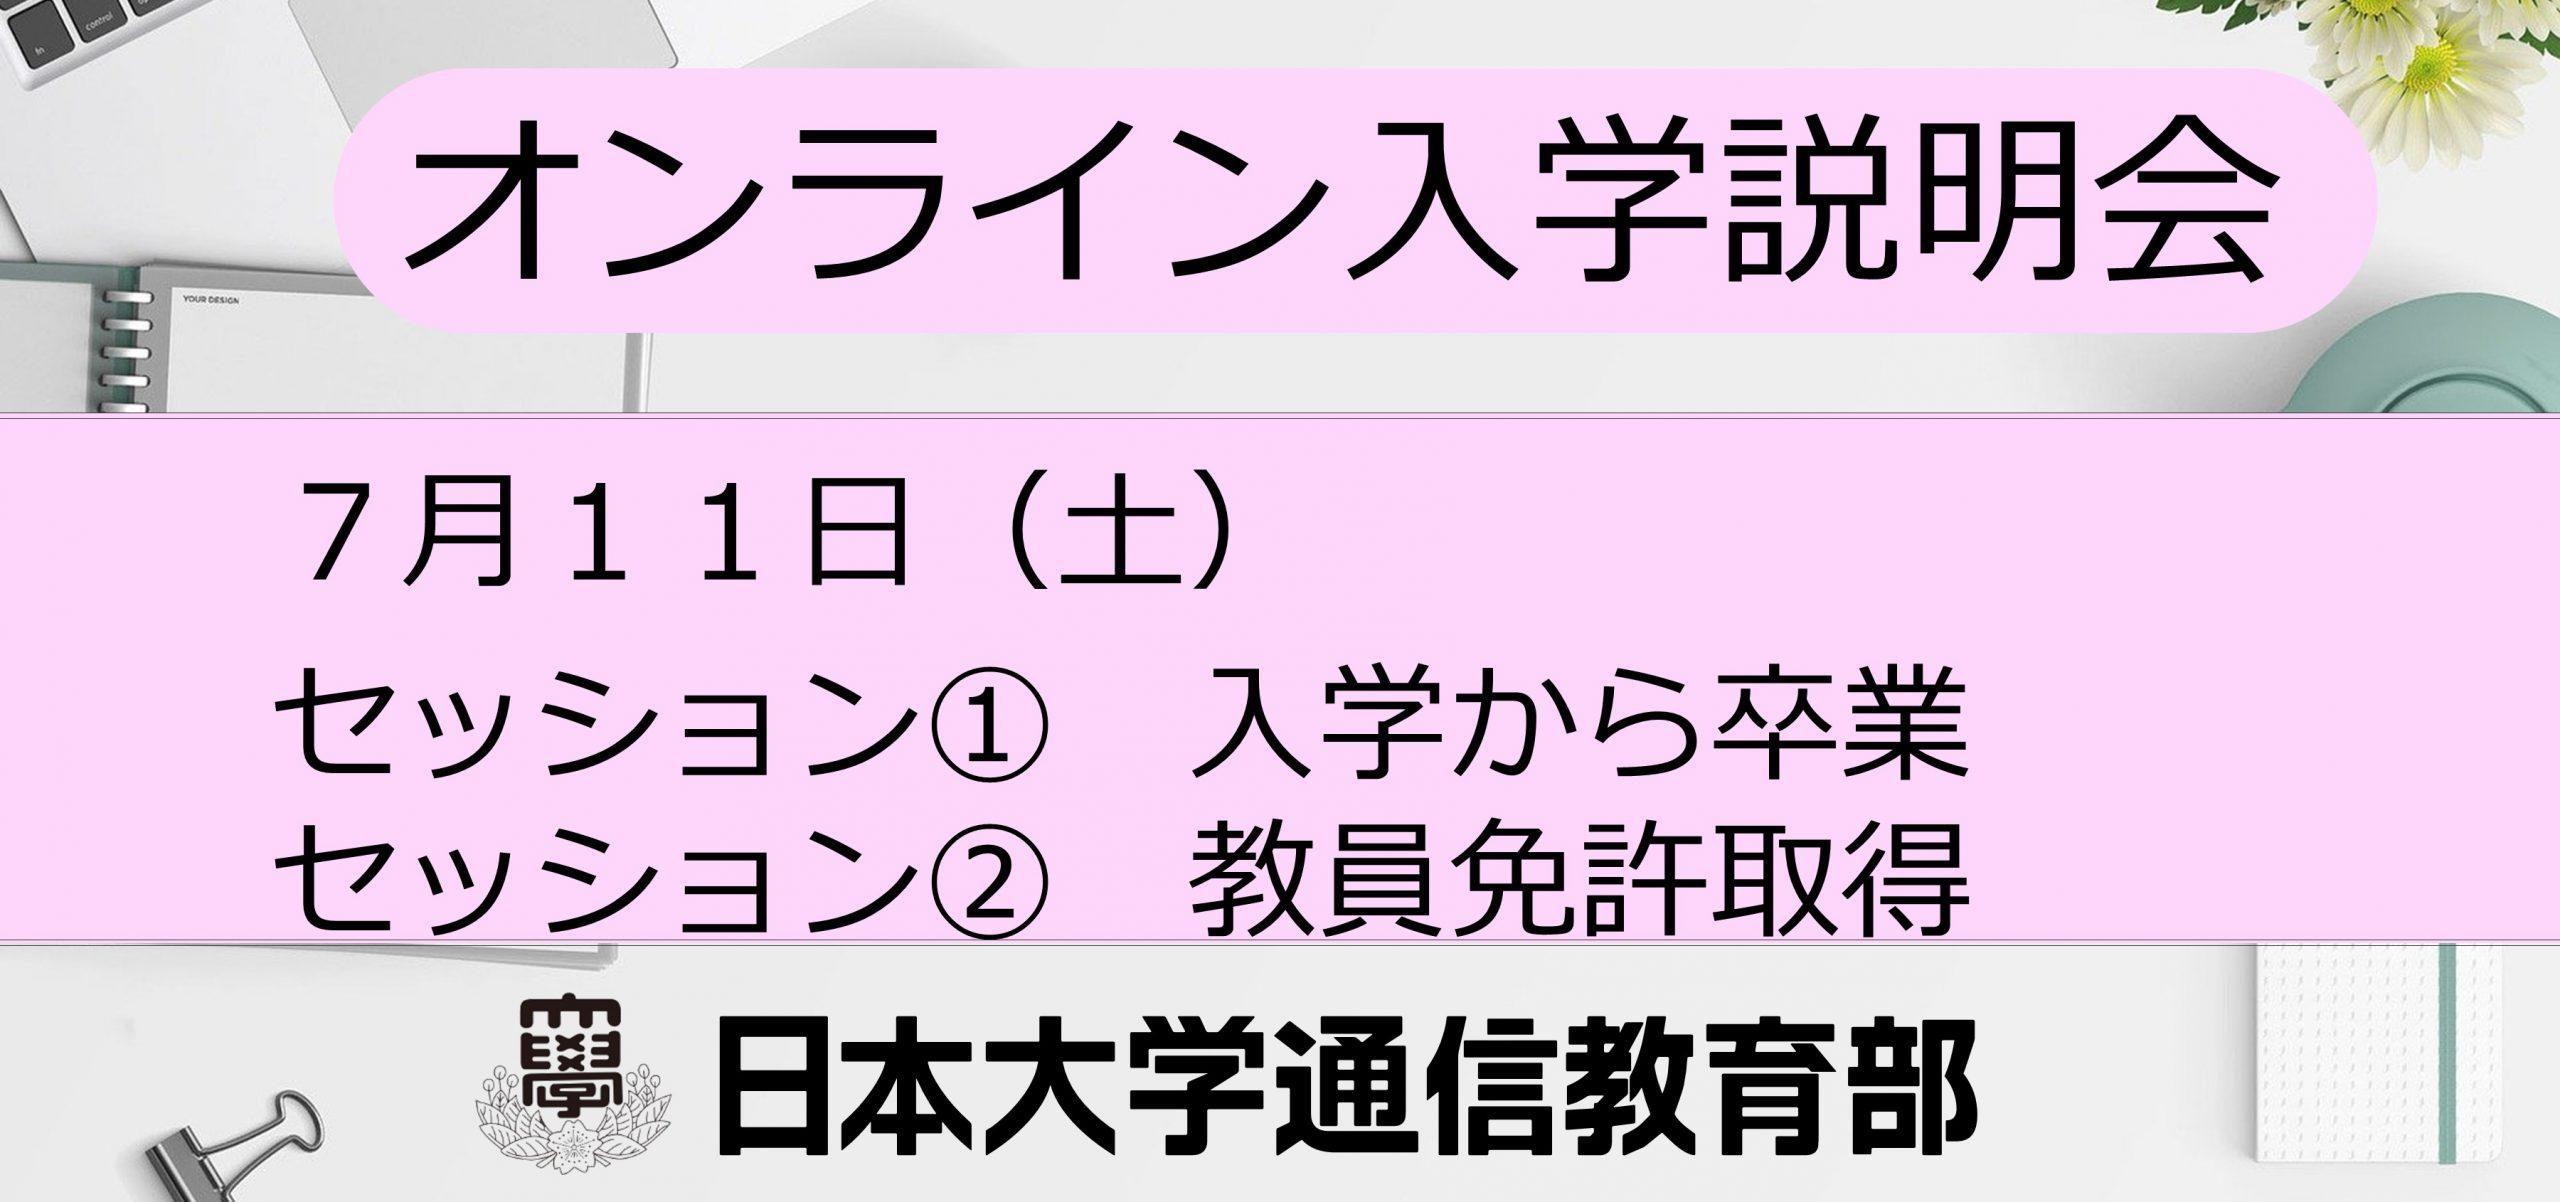 オンライン入学説明会